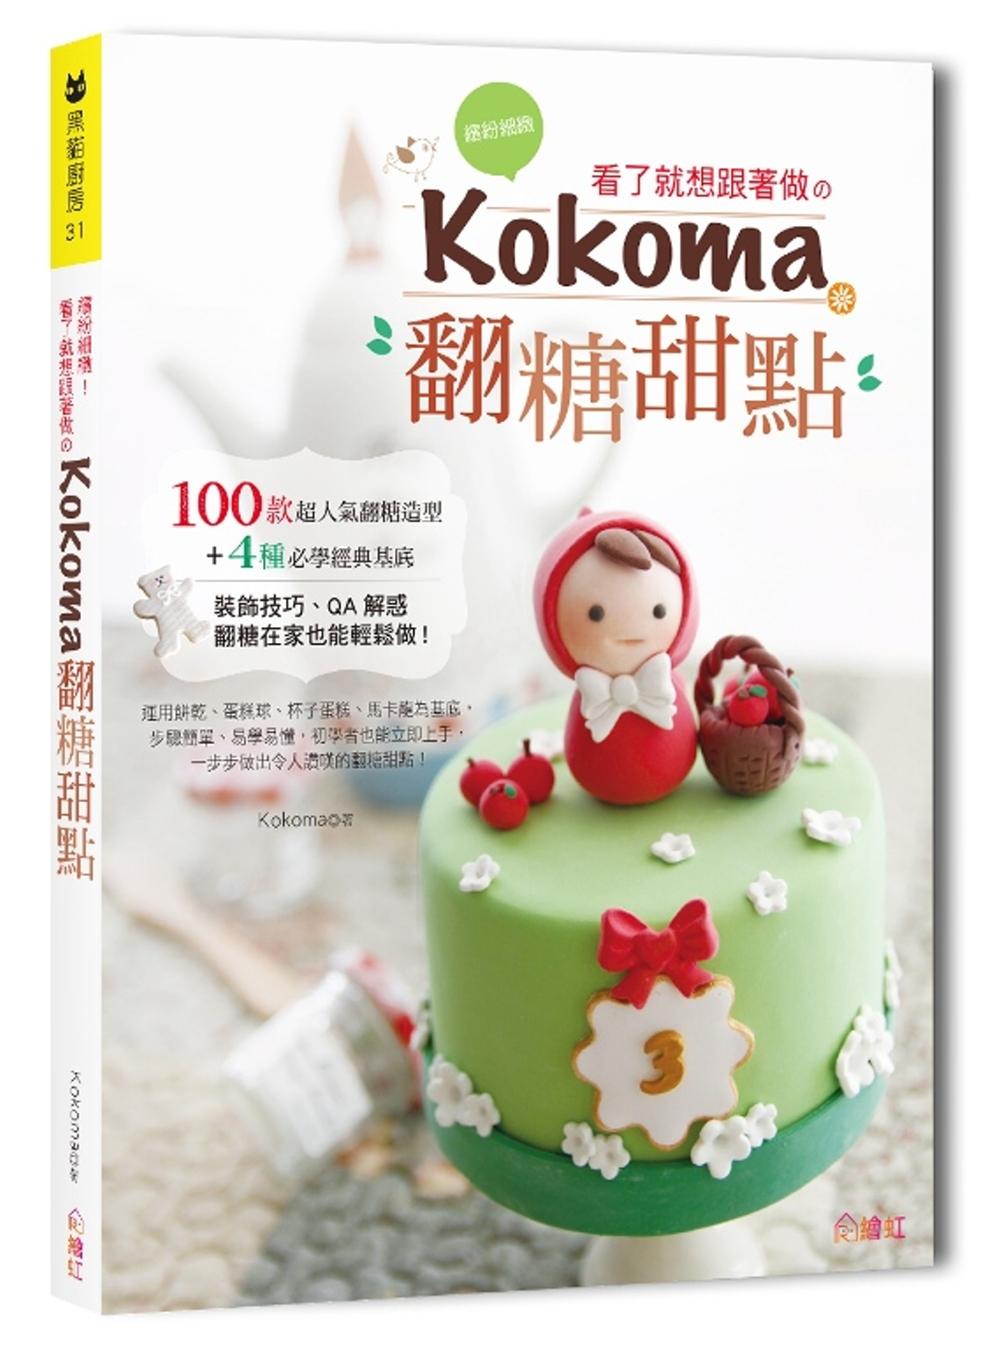 繽紛細緻!看了就想跟著做の Kokoma翻糖甜點:100款超人氣翻糖造型+4種必學經典基底,裝飾技巧、QA解惑,翻糖在家也能輕鬆做!